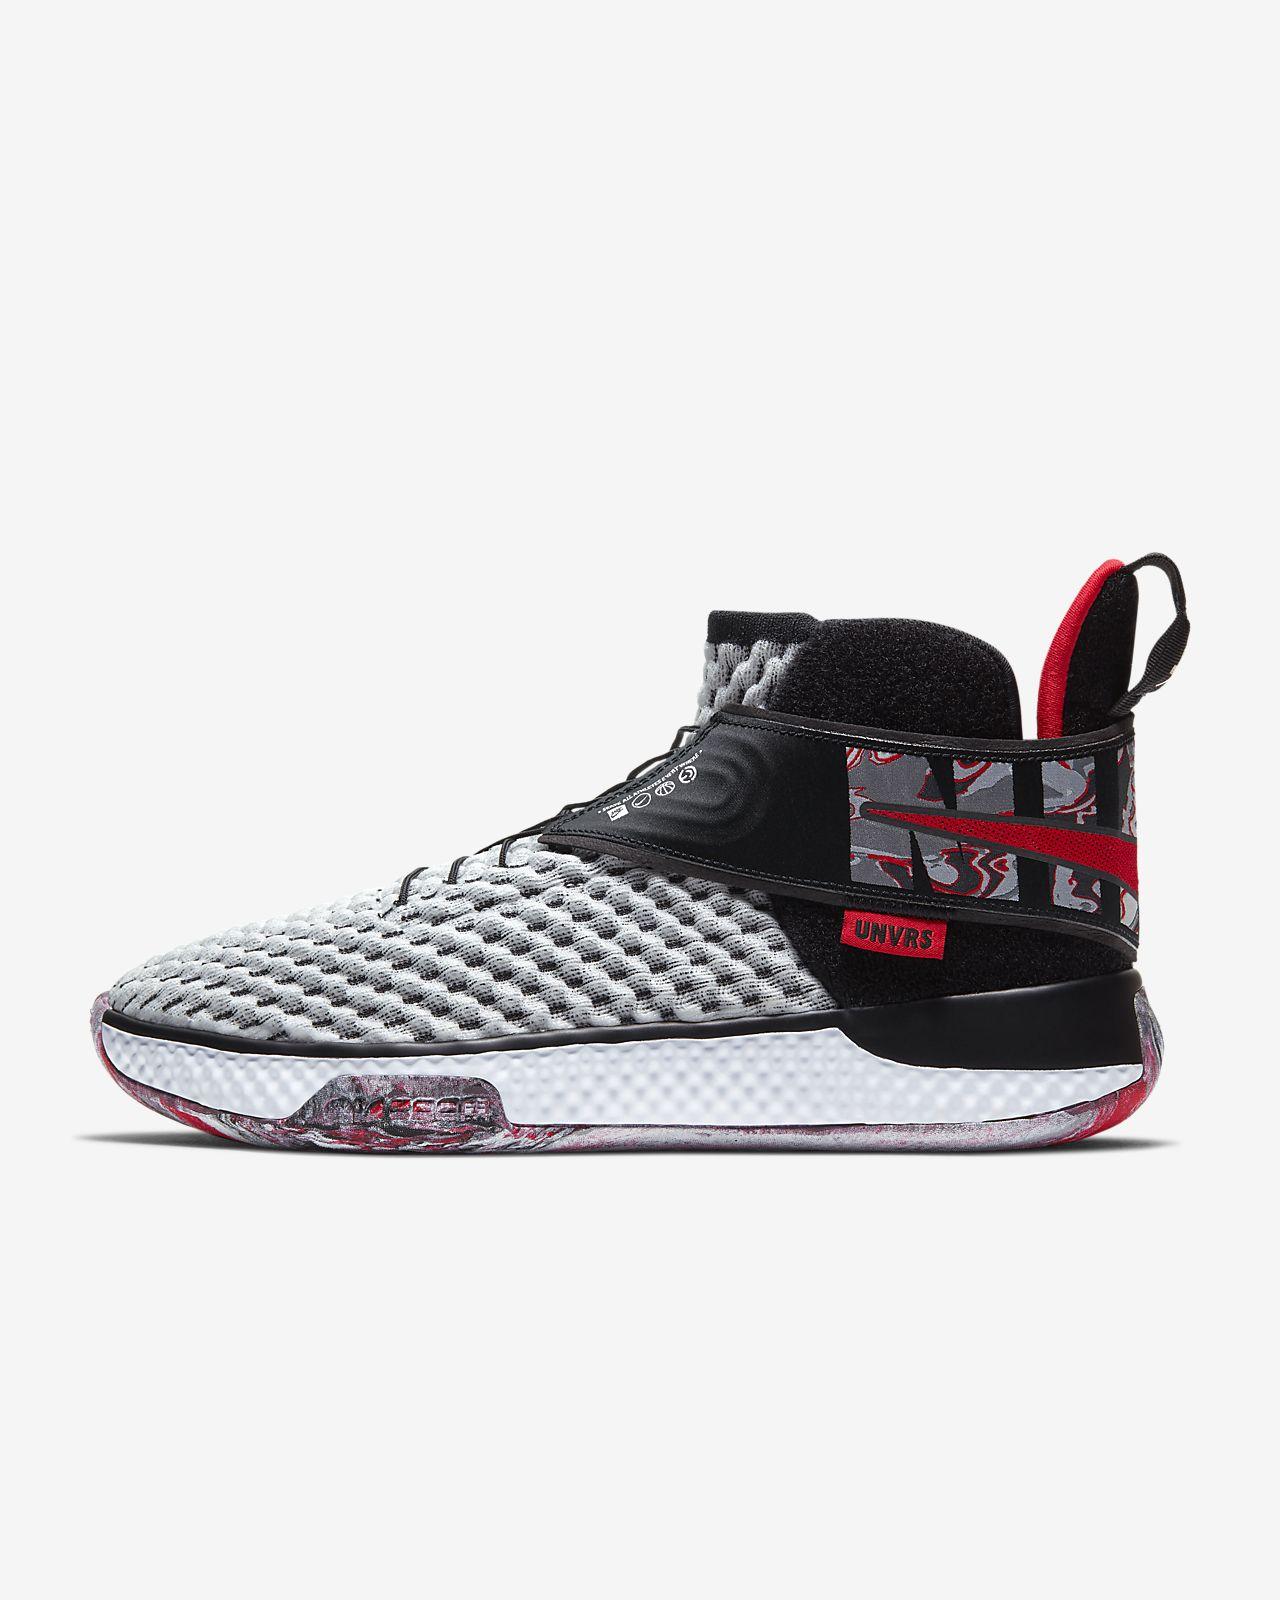 Παπούτσι μπάσκετ Nike Air Zoom UNVRS FlyEase